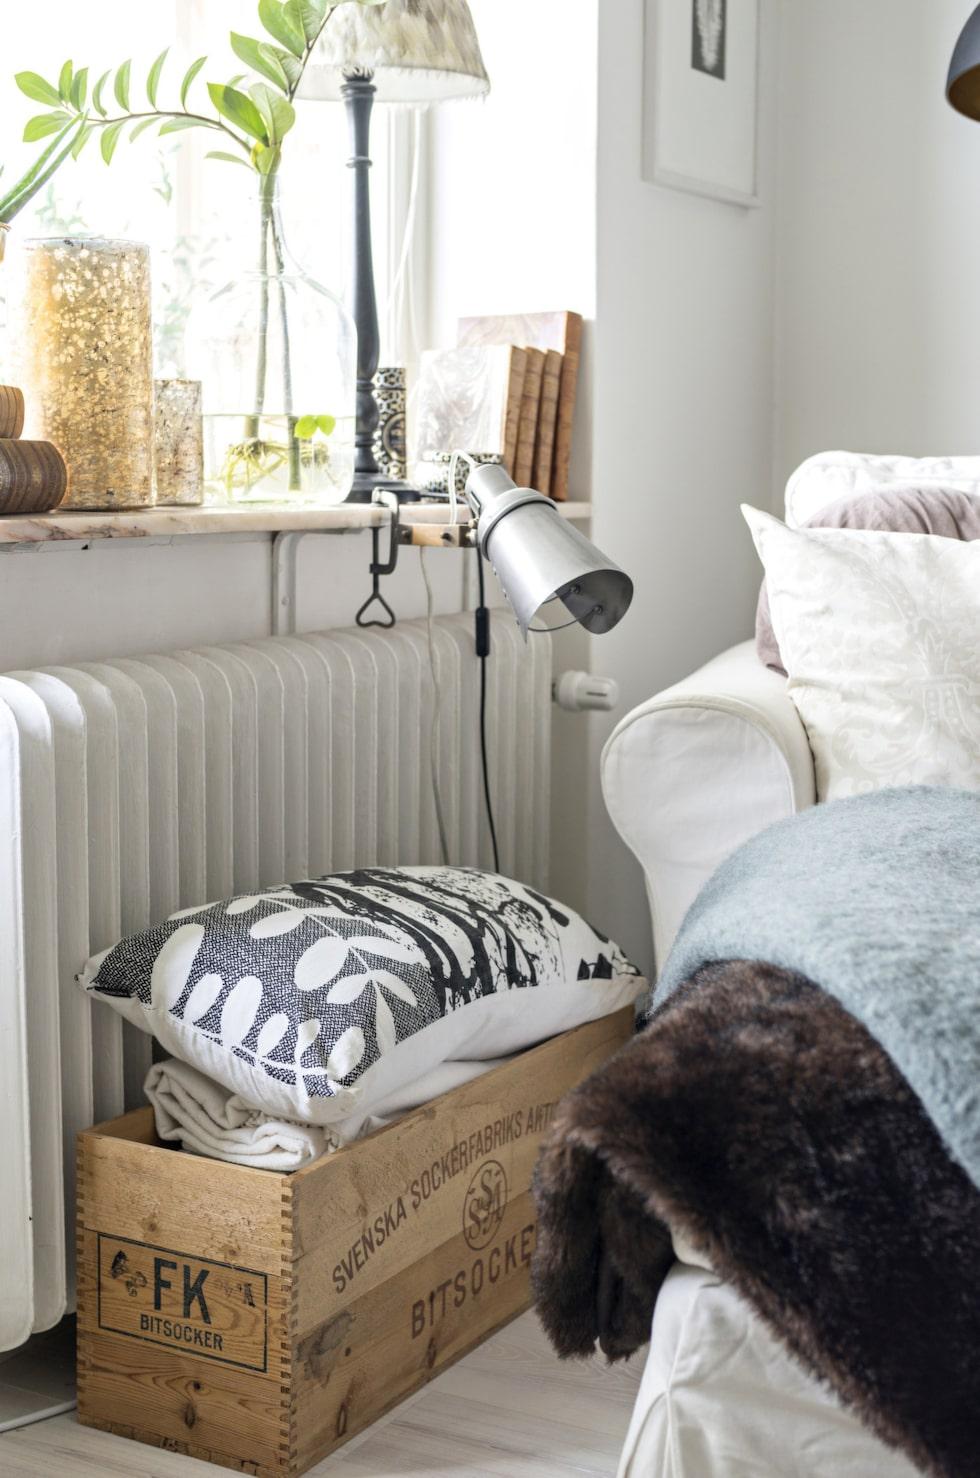 En smart idé är att utnyttja ytor i rätt höjd för läsbelysning. Här hamnade spotlighten på fönsterbänken i stället för på väggen. Lampa från House doctor, sockerlåda från Evas mamma och schäslongen från Ikea.